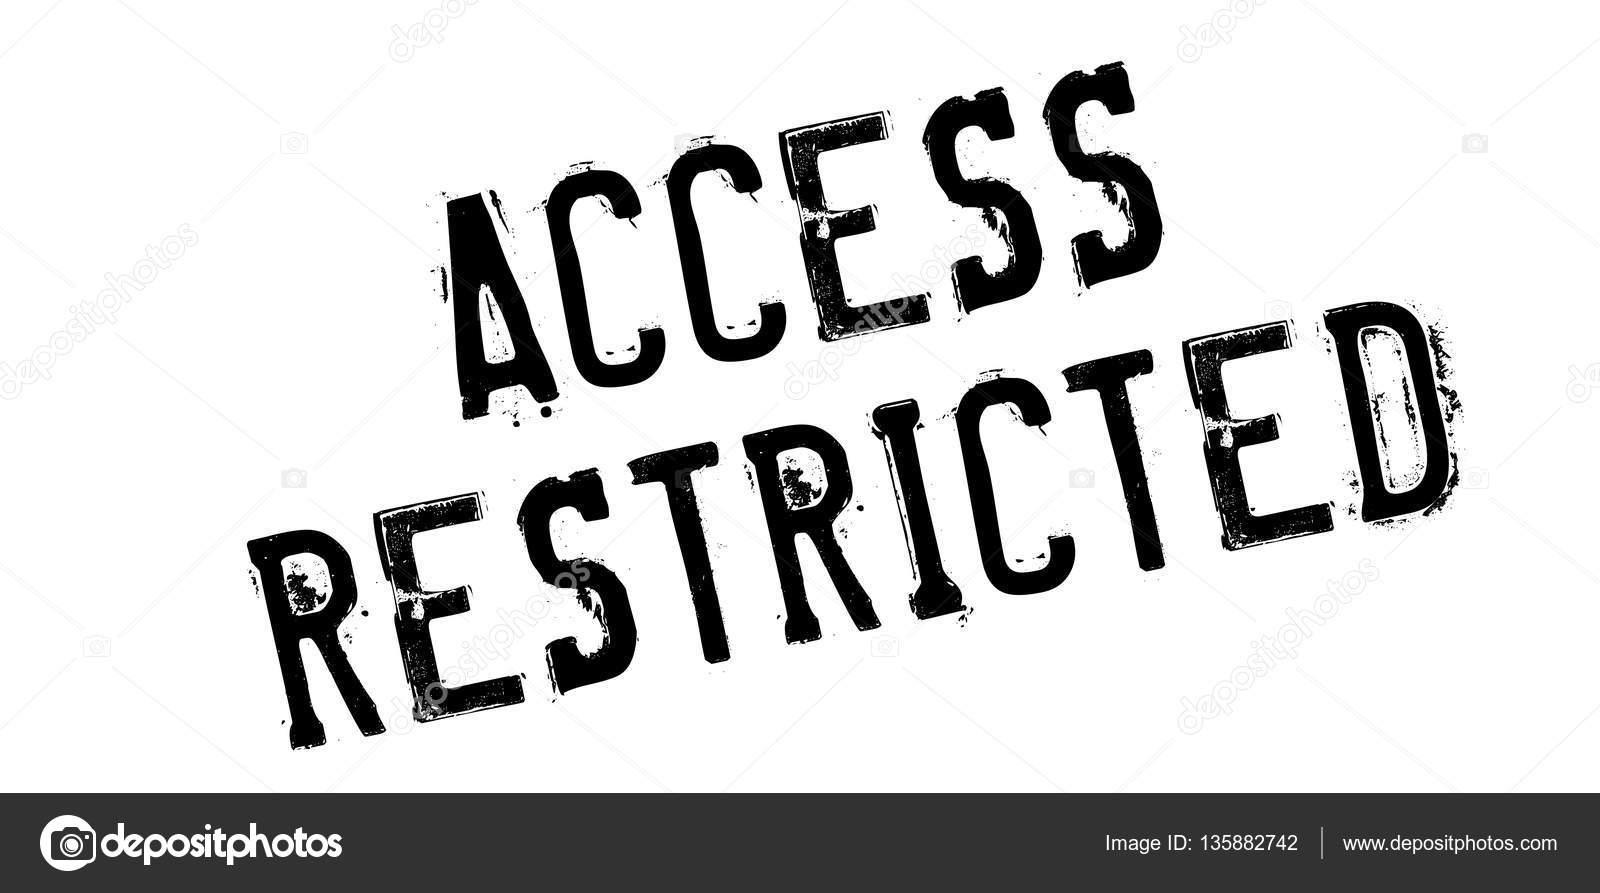 Acceso restringido sello de goma archivo imgenes vectoriales acceso restringido sello de goma archivo imgenes vectoriales altavistaventures Gallery